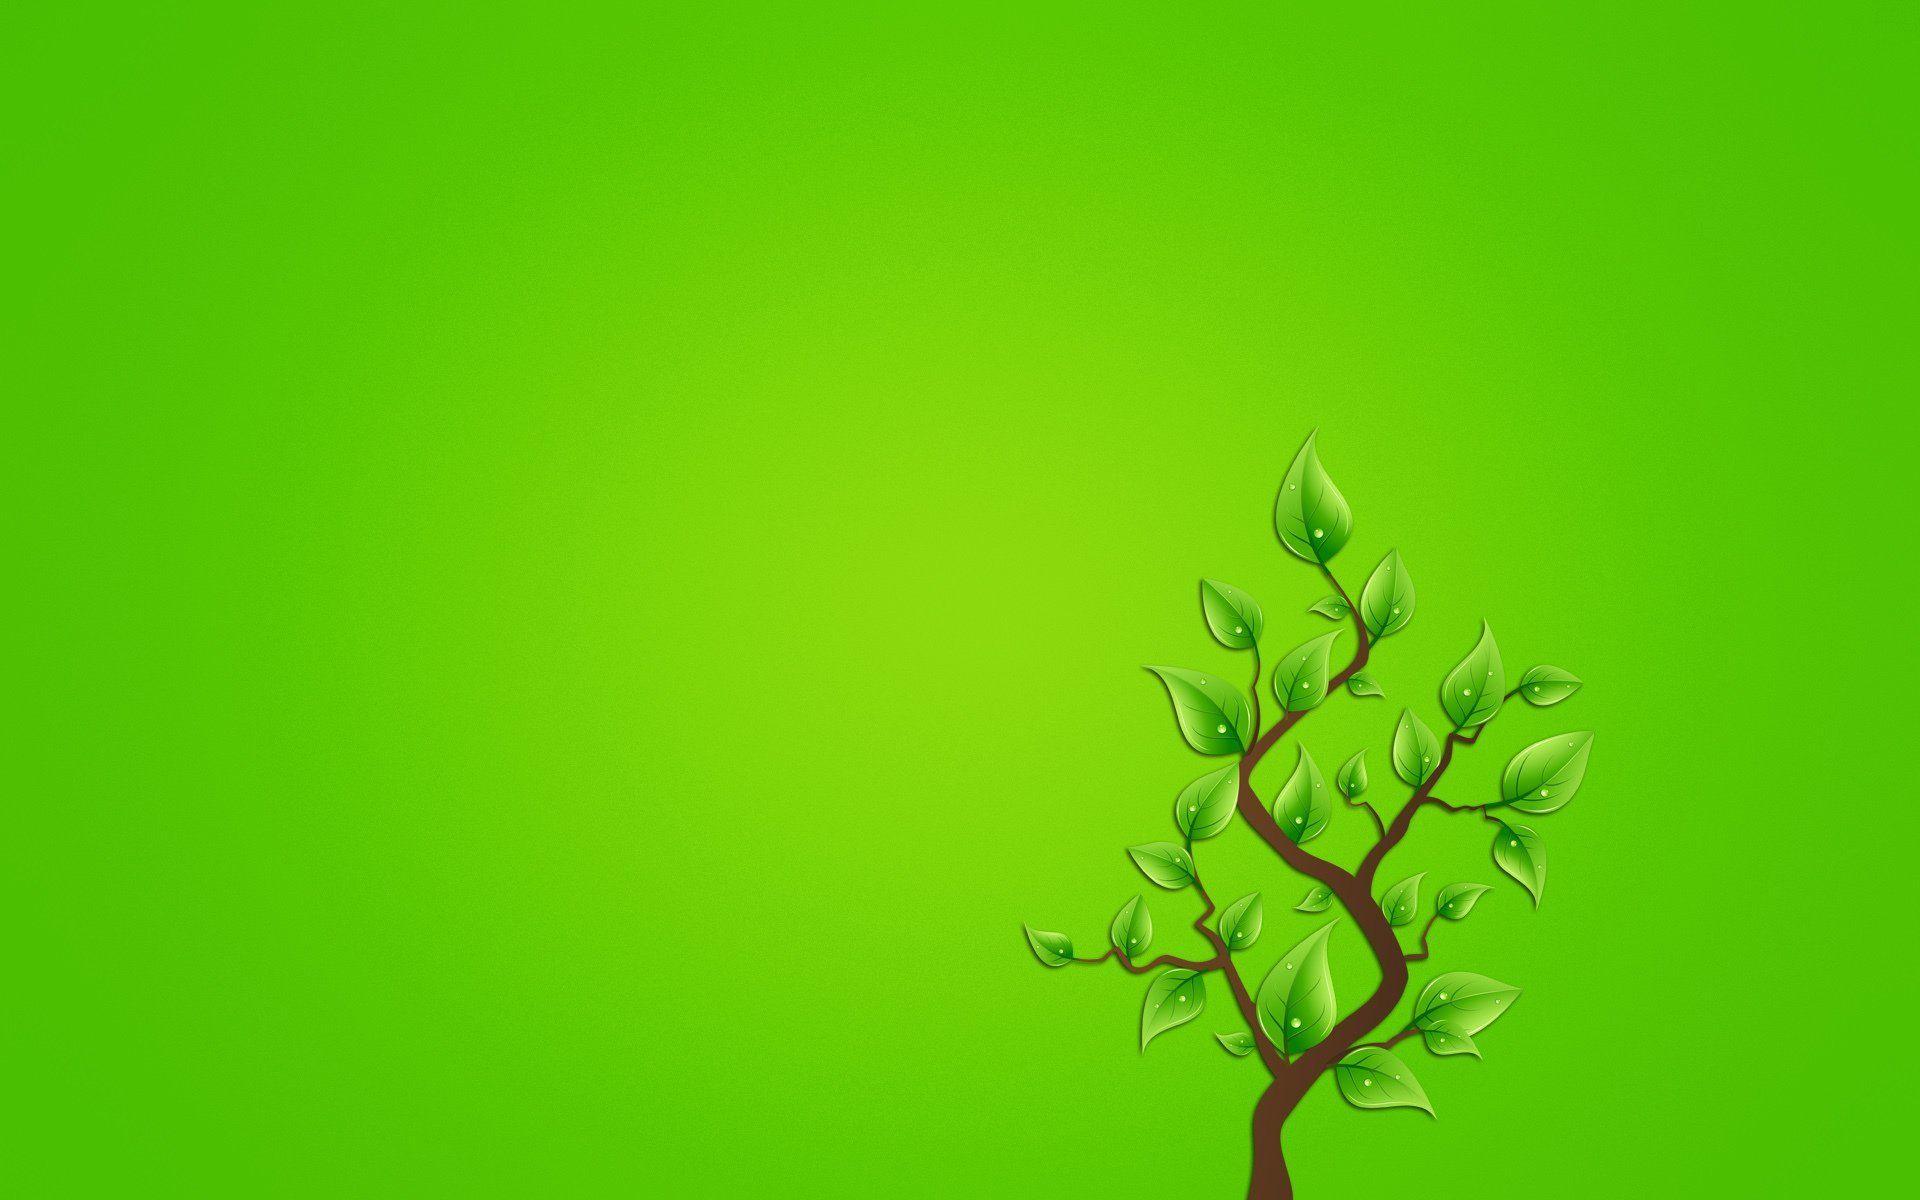 Августа успение, зеленая открытка